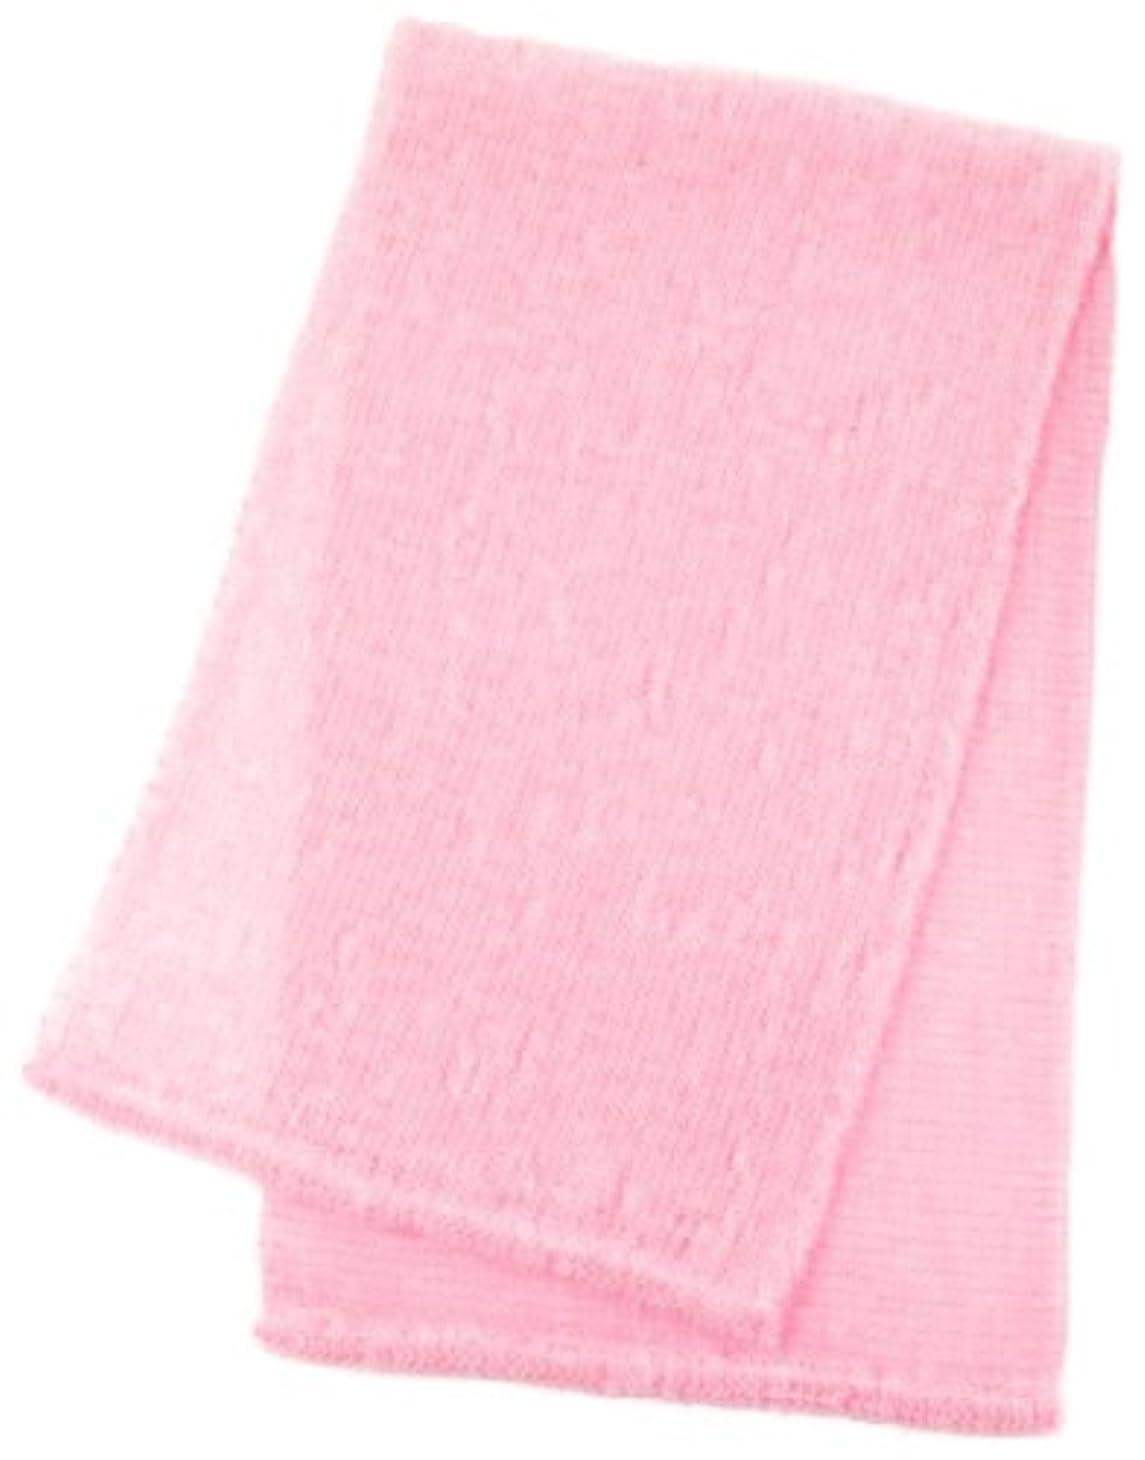 白内障閉じ込める猛烈なマーナ ボディタオル 「泡工場」 ピンク B557P